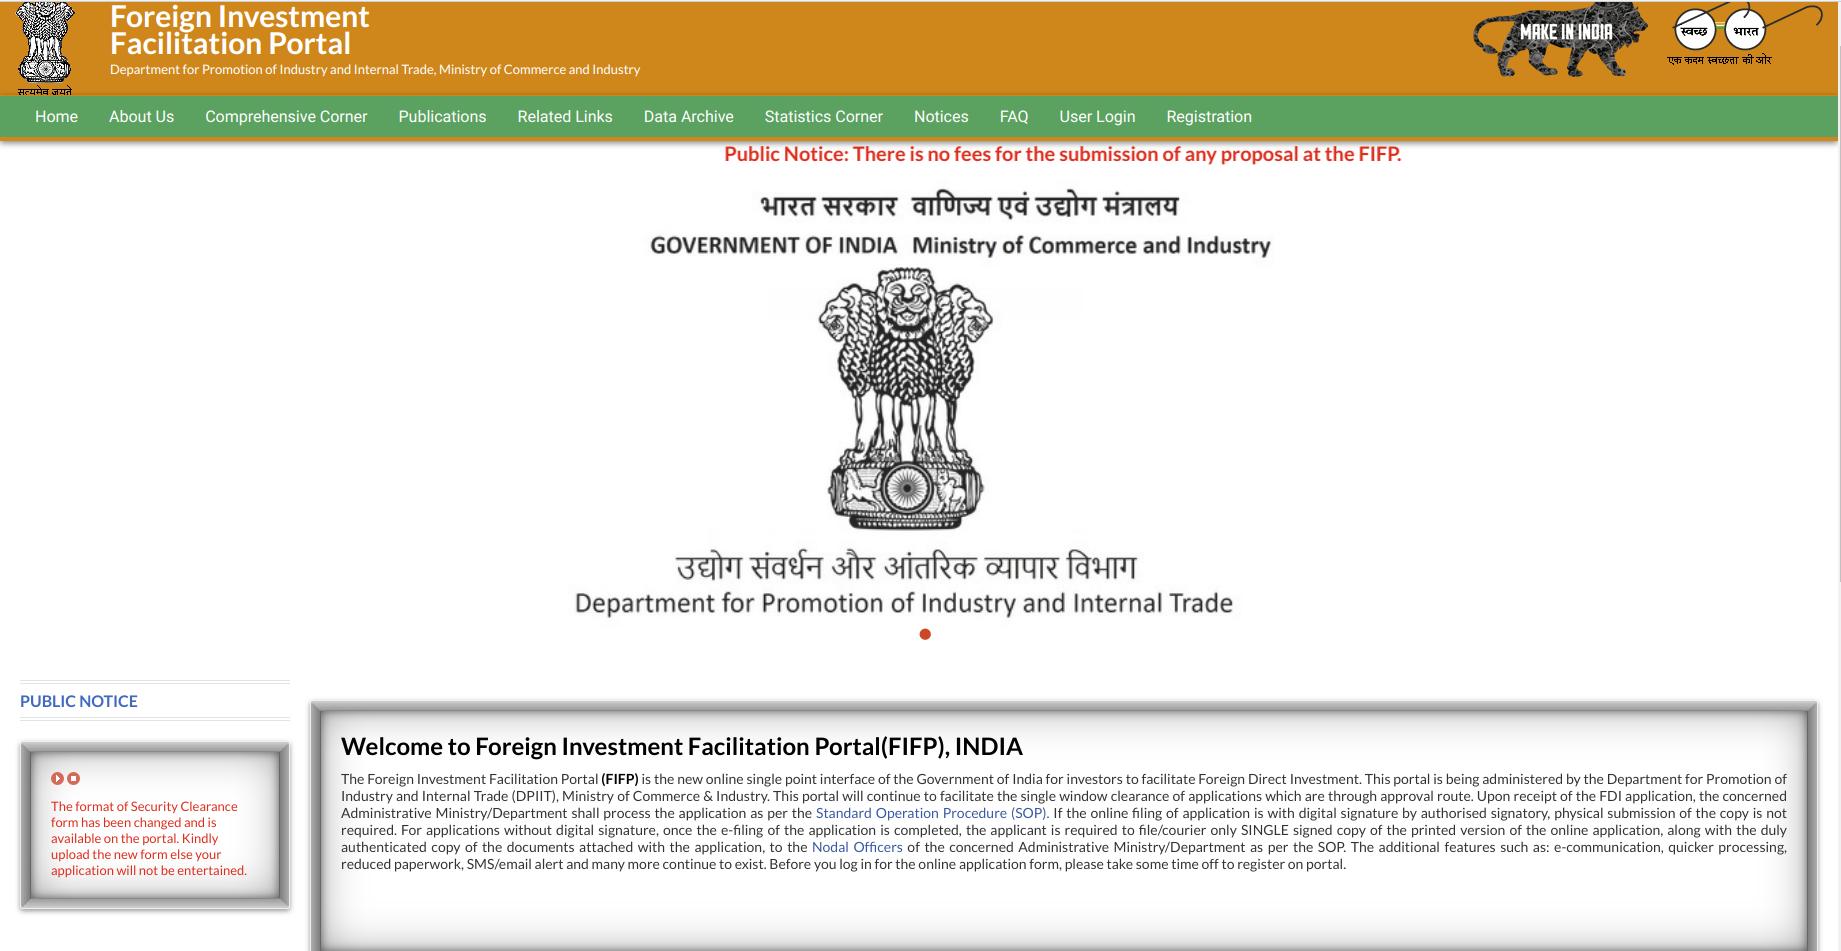 FIFP web portal